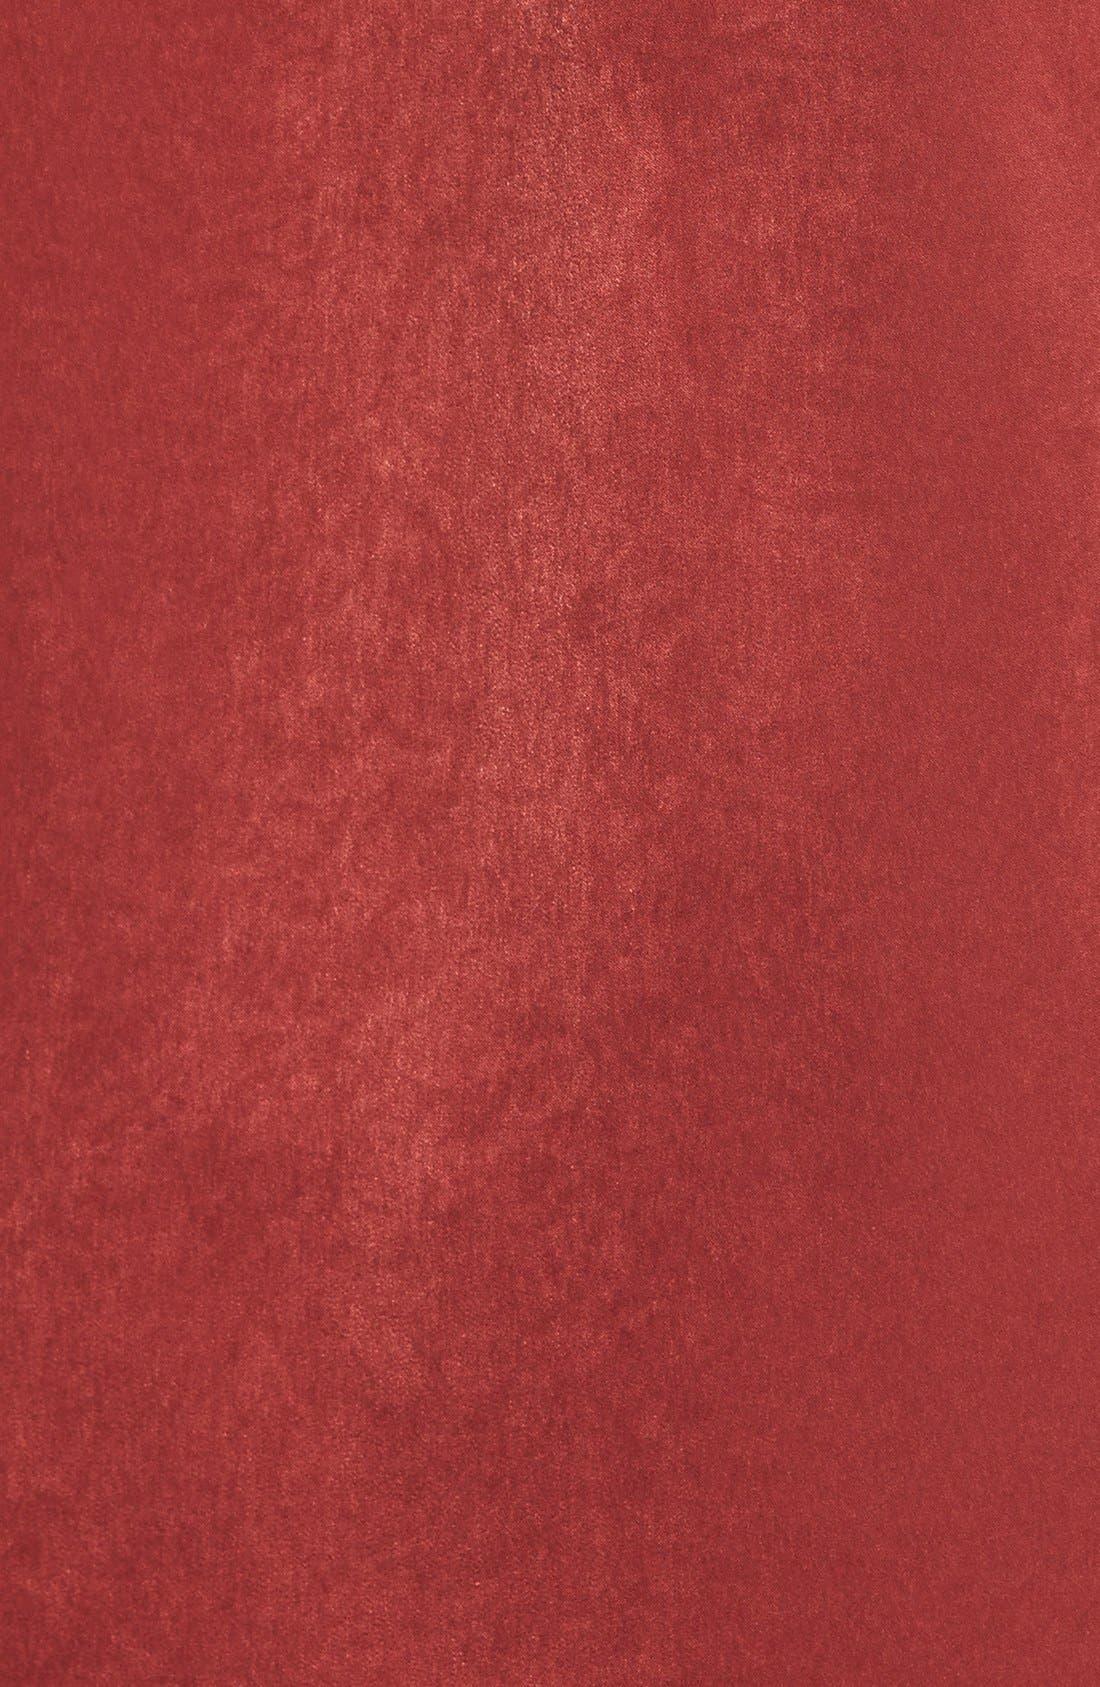 Grommet Detail Sleeveless Top,                             Alternate thumbnail 5, color,                             601